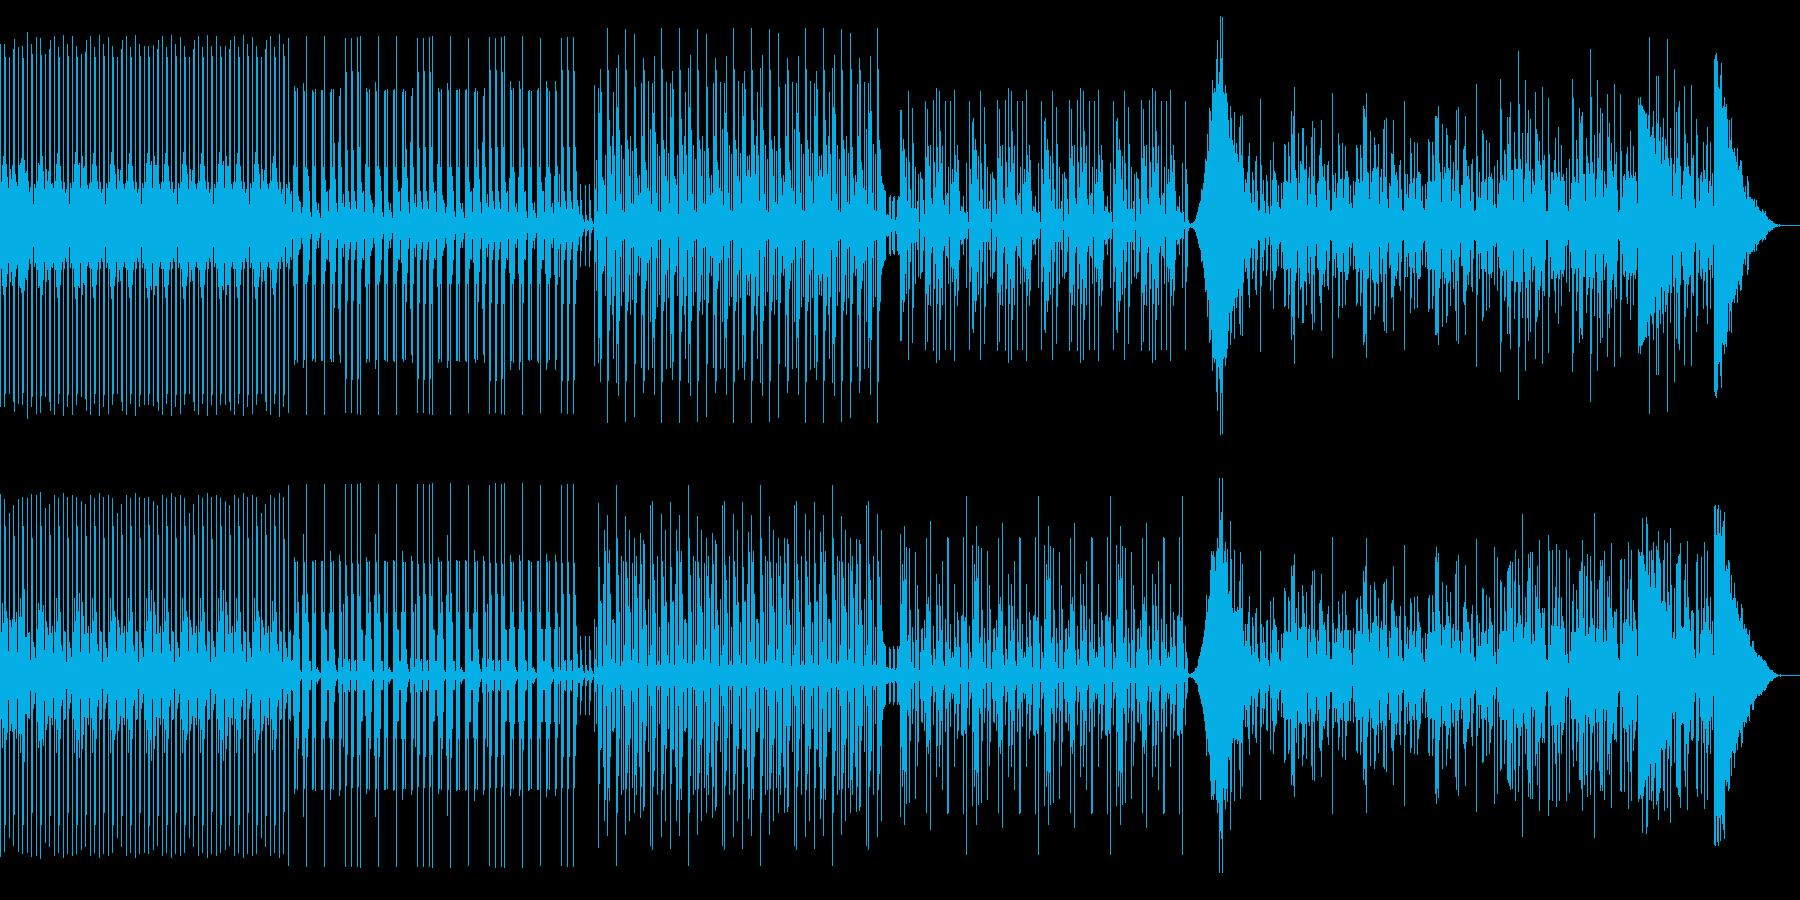 ドラム リズムのみ テクノやアフリカンの再生済みの波形